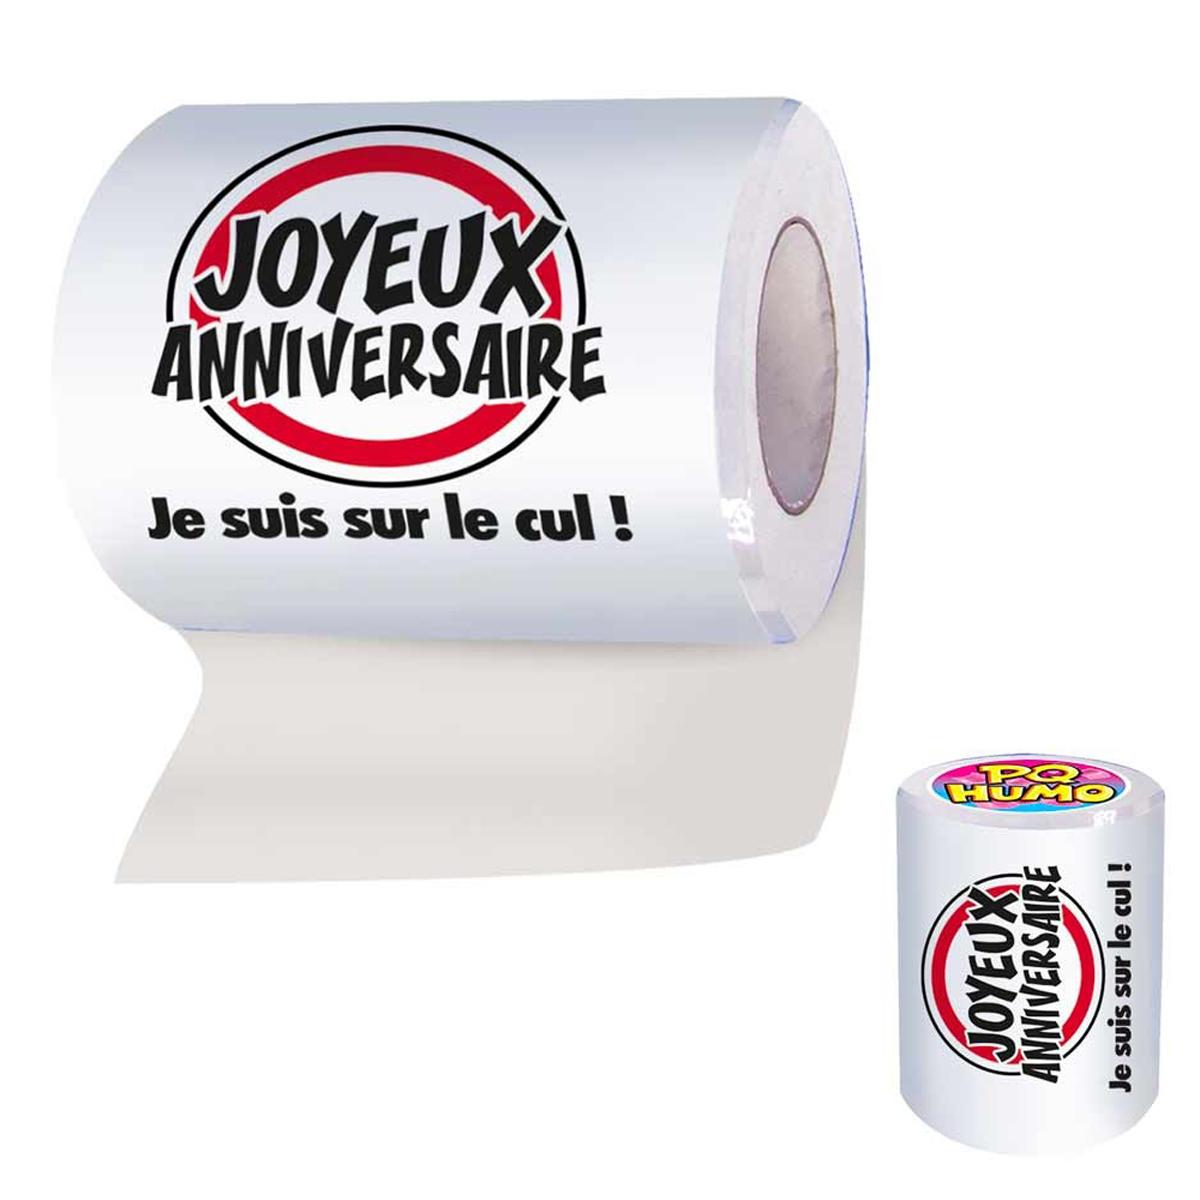 Rouleau WC \'Joyeux Anniversaire\' (je suis sur le cul !) - [Q4932]